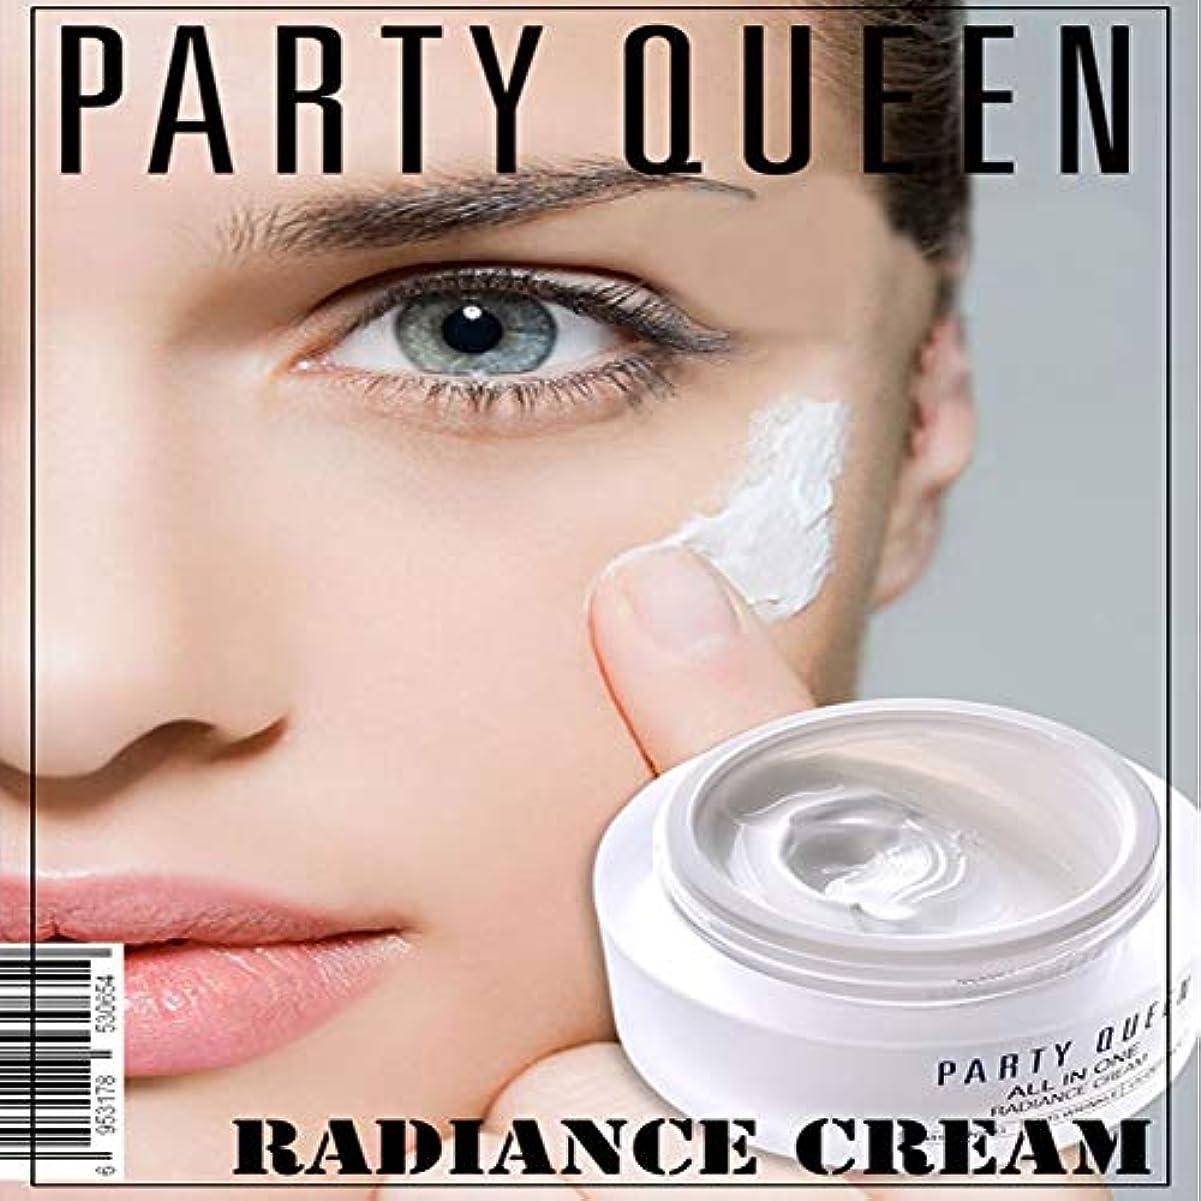 敗北硬い文字通りクリーム ホワイトニング 保湿 肌の色を明るく UVカット スキントーンアップクリーム マルチエフェクト Cutelove